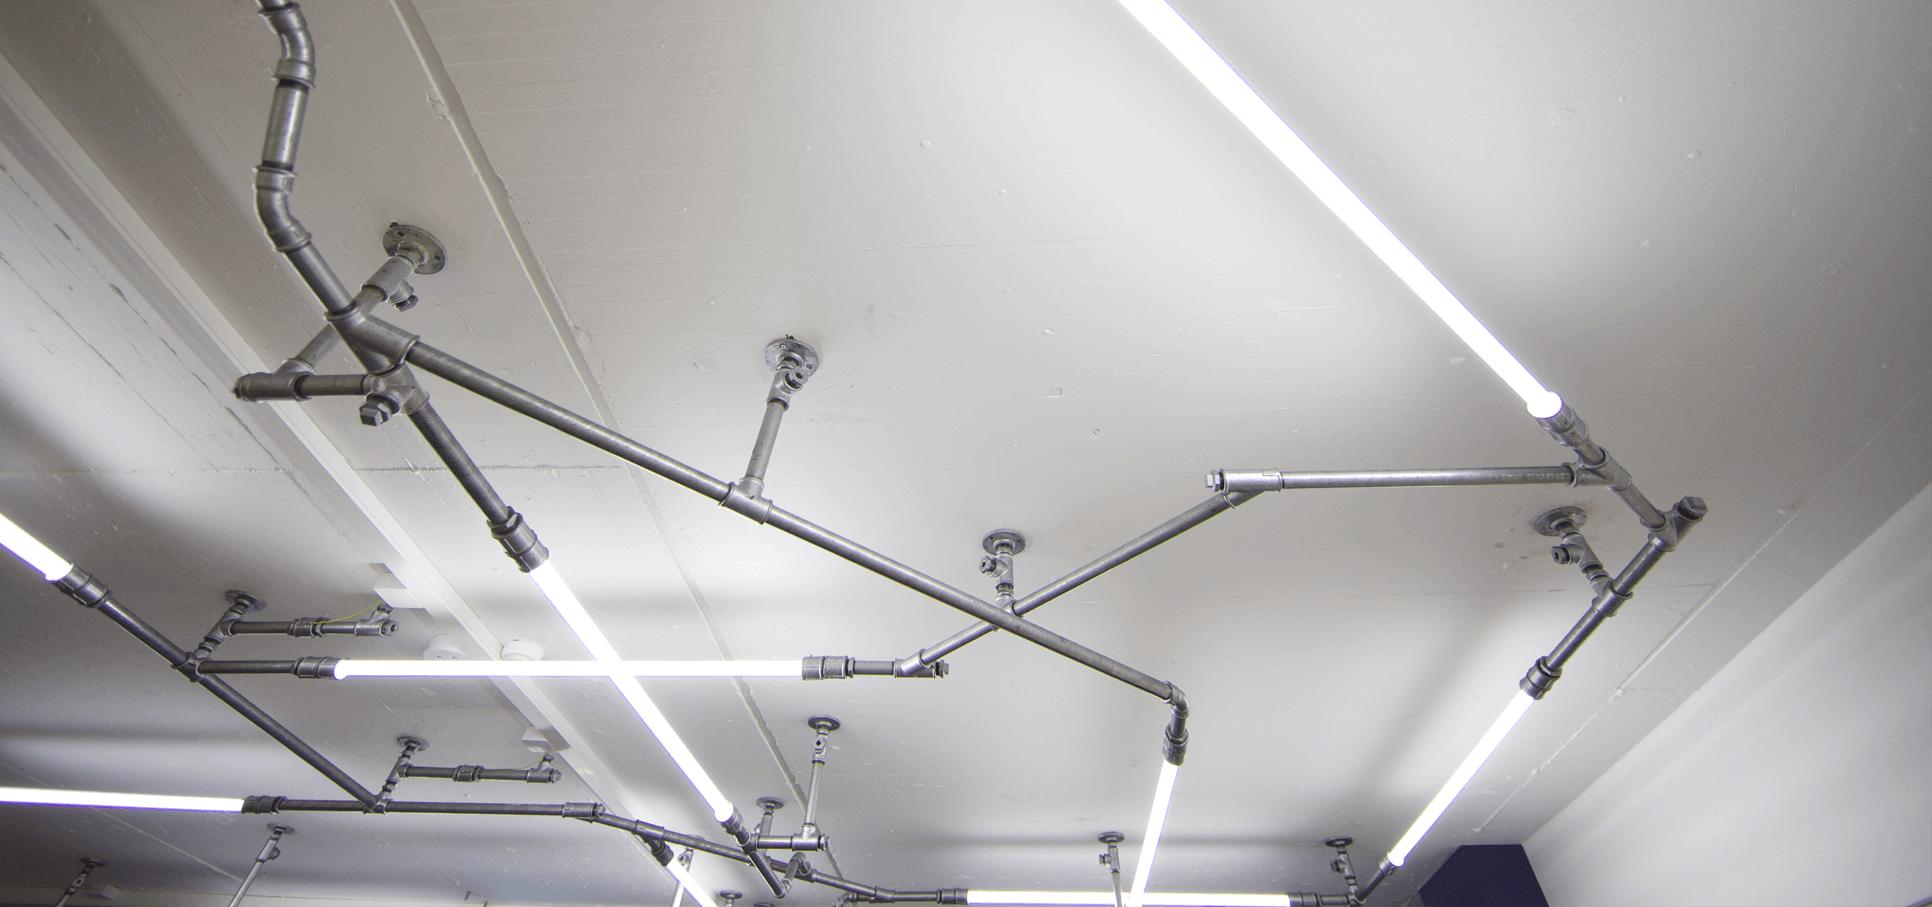 Ladenbau-wasserrohr-baslerpark-installation-licht3.png